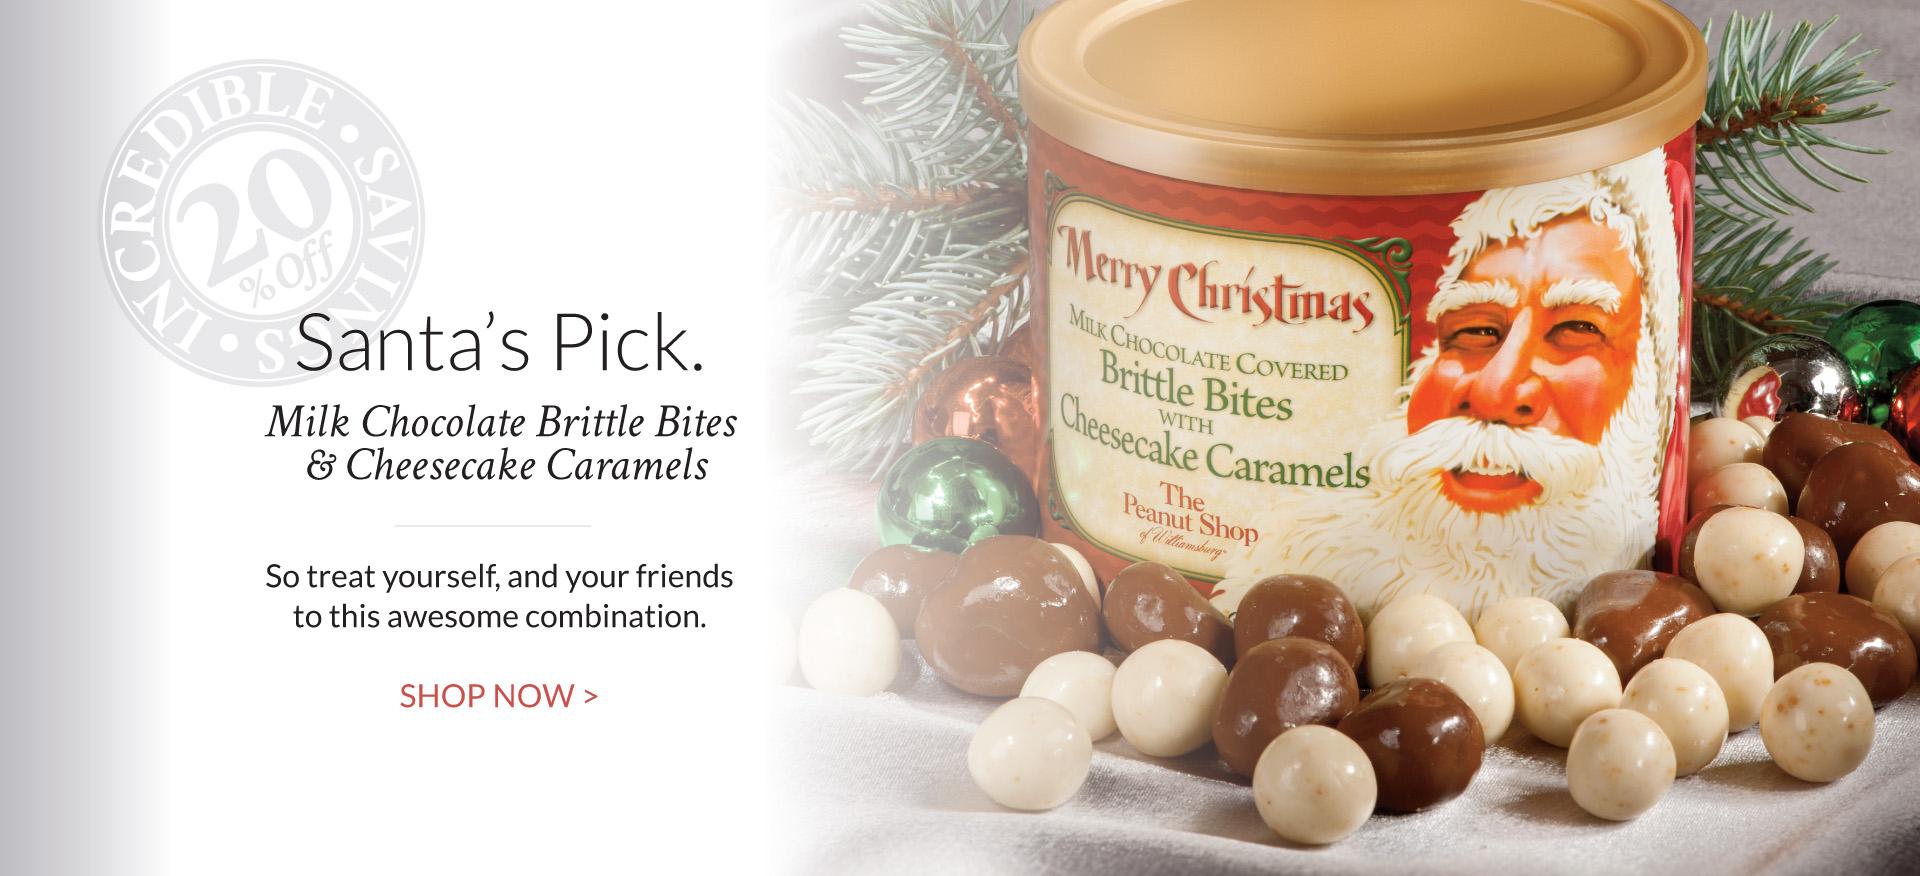 Virginia Peanuts Holiday Gifts